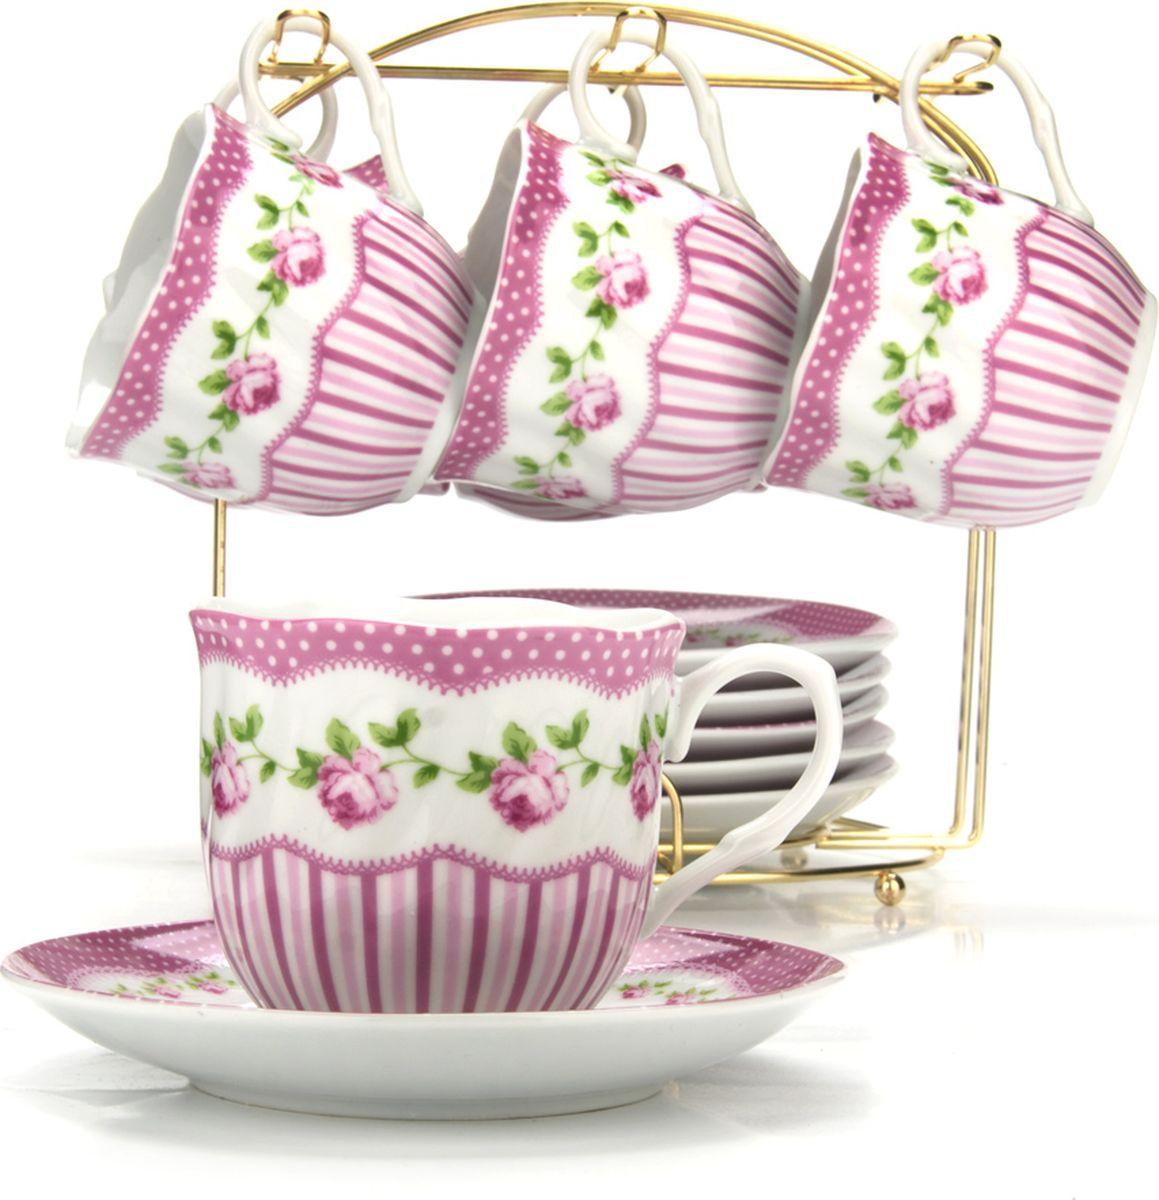 Сервиз чайный Loraine, на подставке, 13 предметов. 4328625942